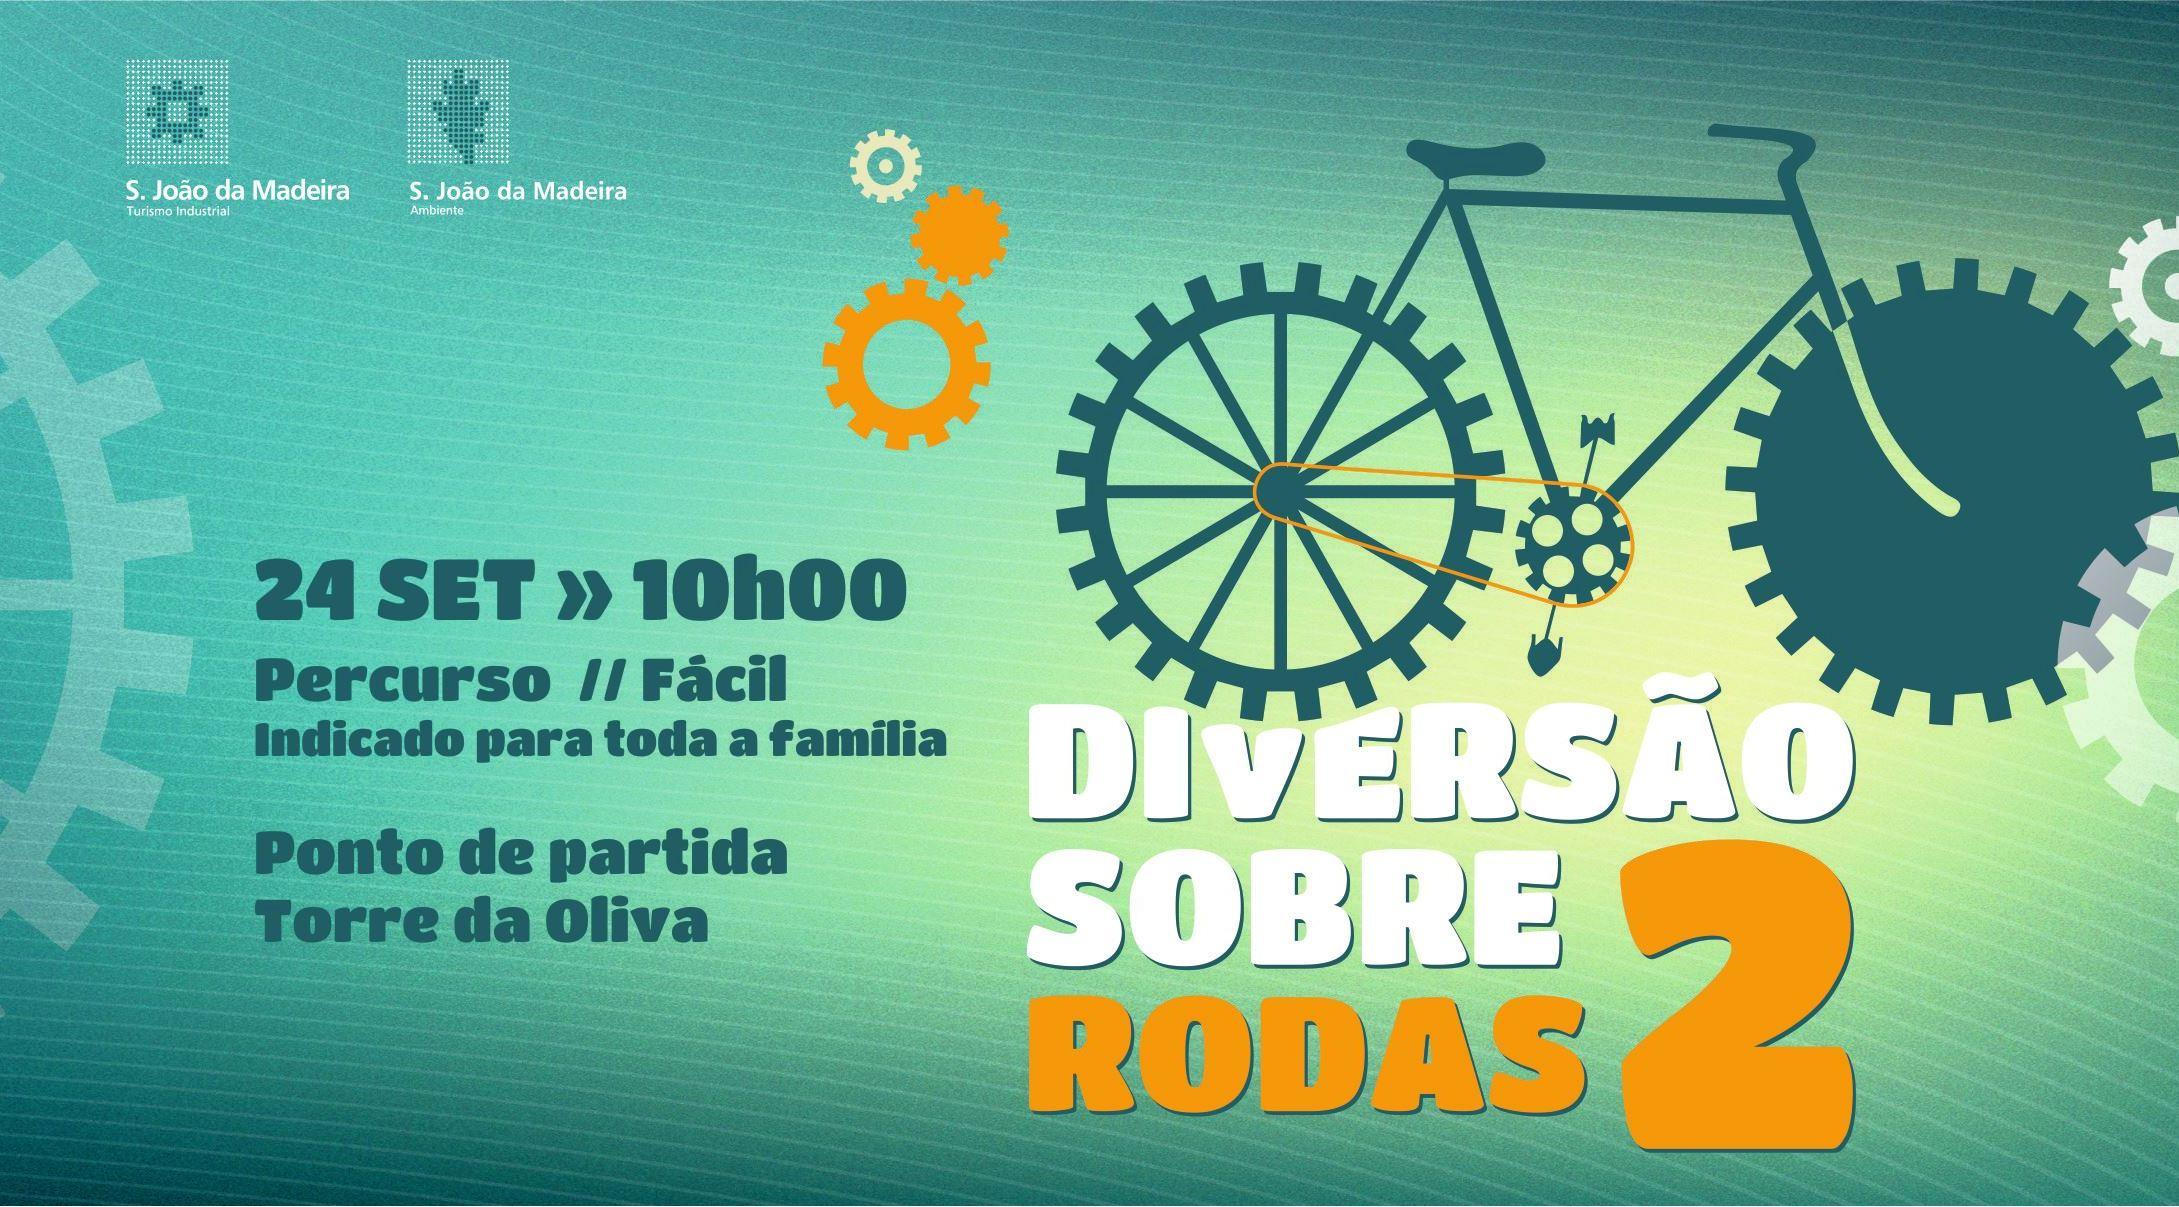 X Festival de Teatro de S. João da Madeira 16fd8726457